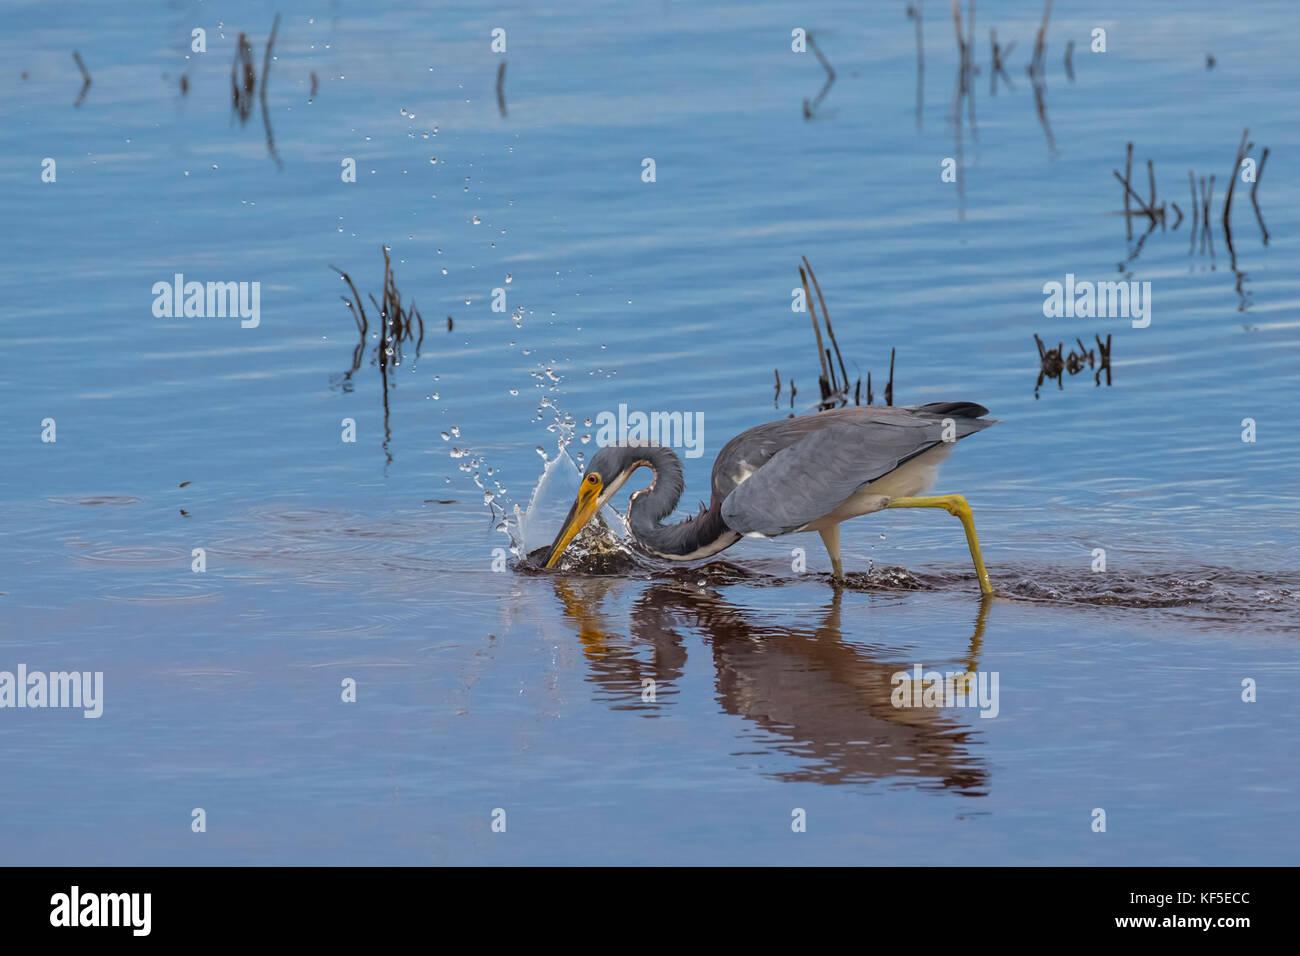 Un adulto tricolores heron (Egretta tricolor), conocido en América del Norte como el louisiana heron buscando comida en un tranquilo estanque de aguas someras Foto de stock